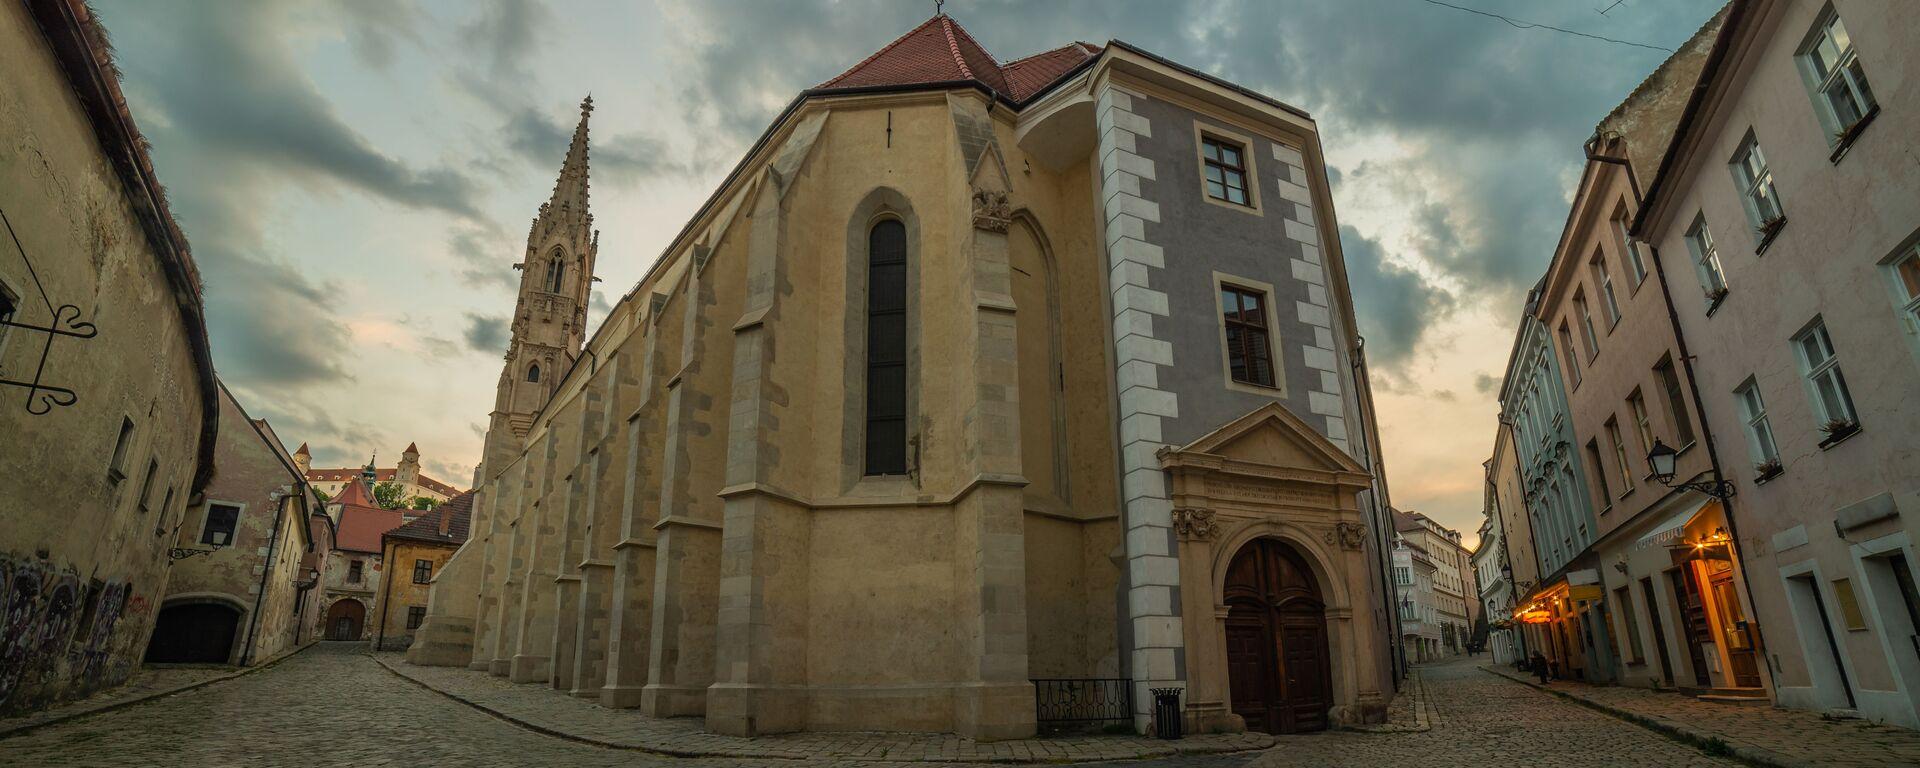 Opuštěná ulice v historickém centru Bratislavy, Slovensko - Sputnik Česká republika, 1920, 04.05.2021